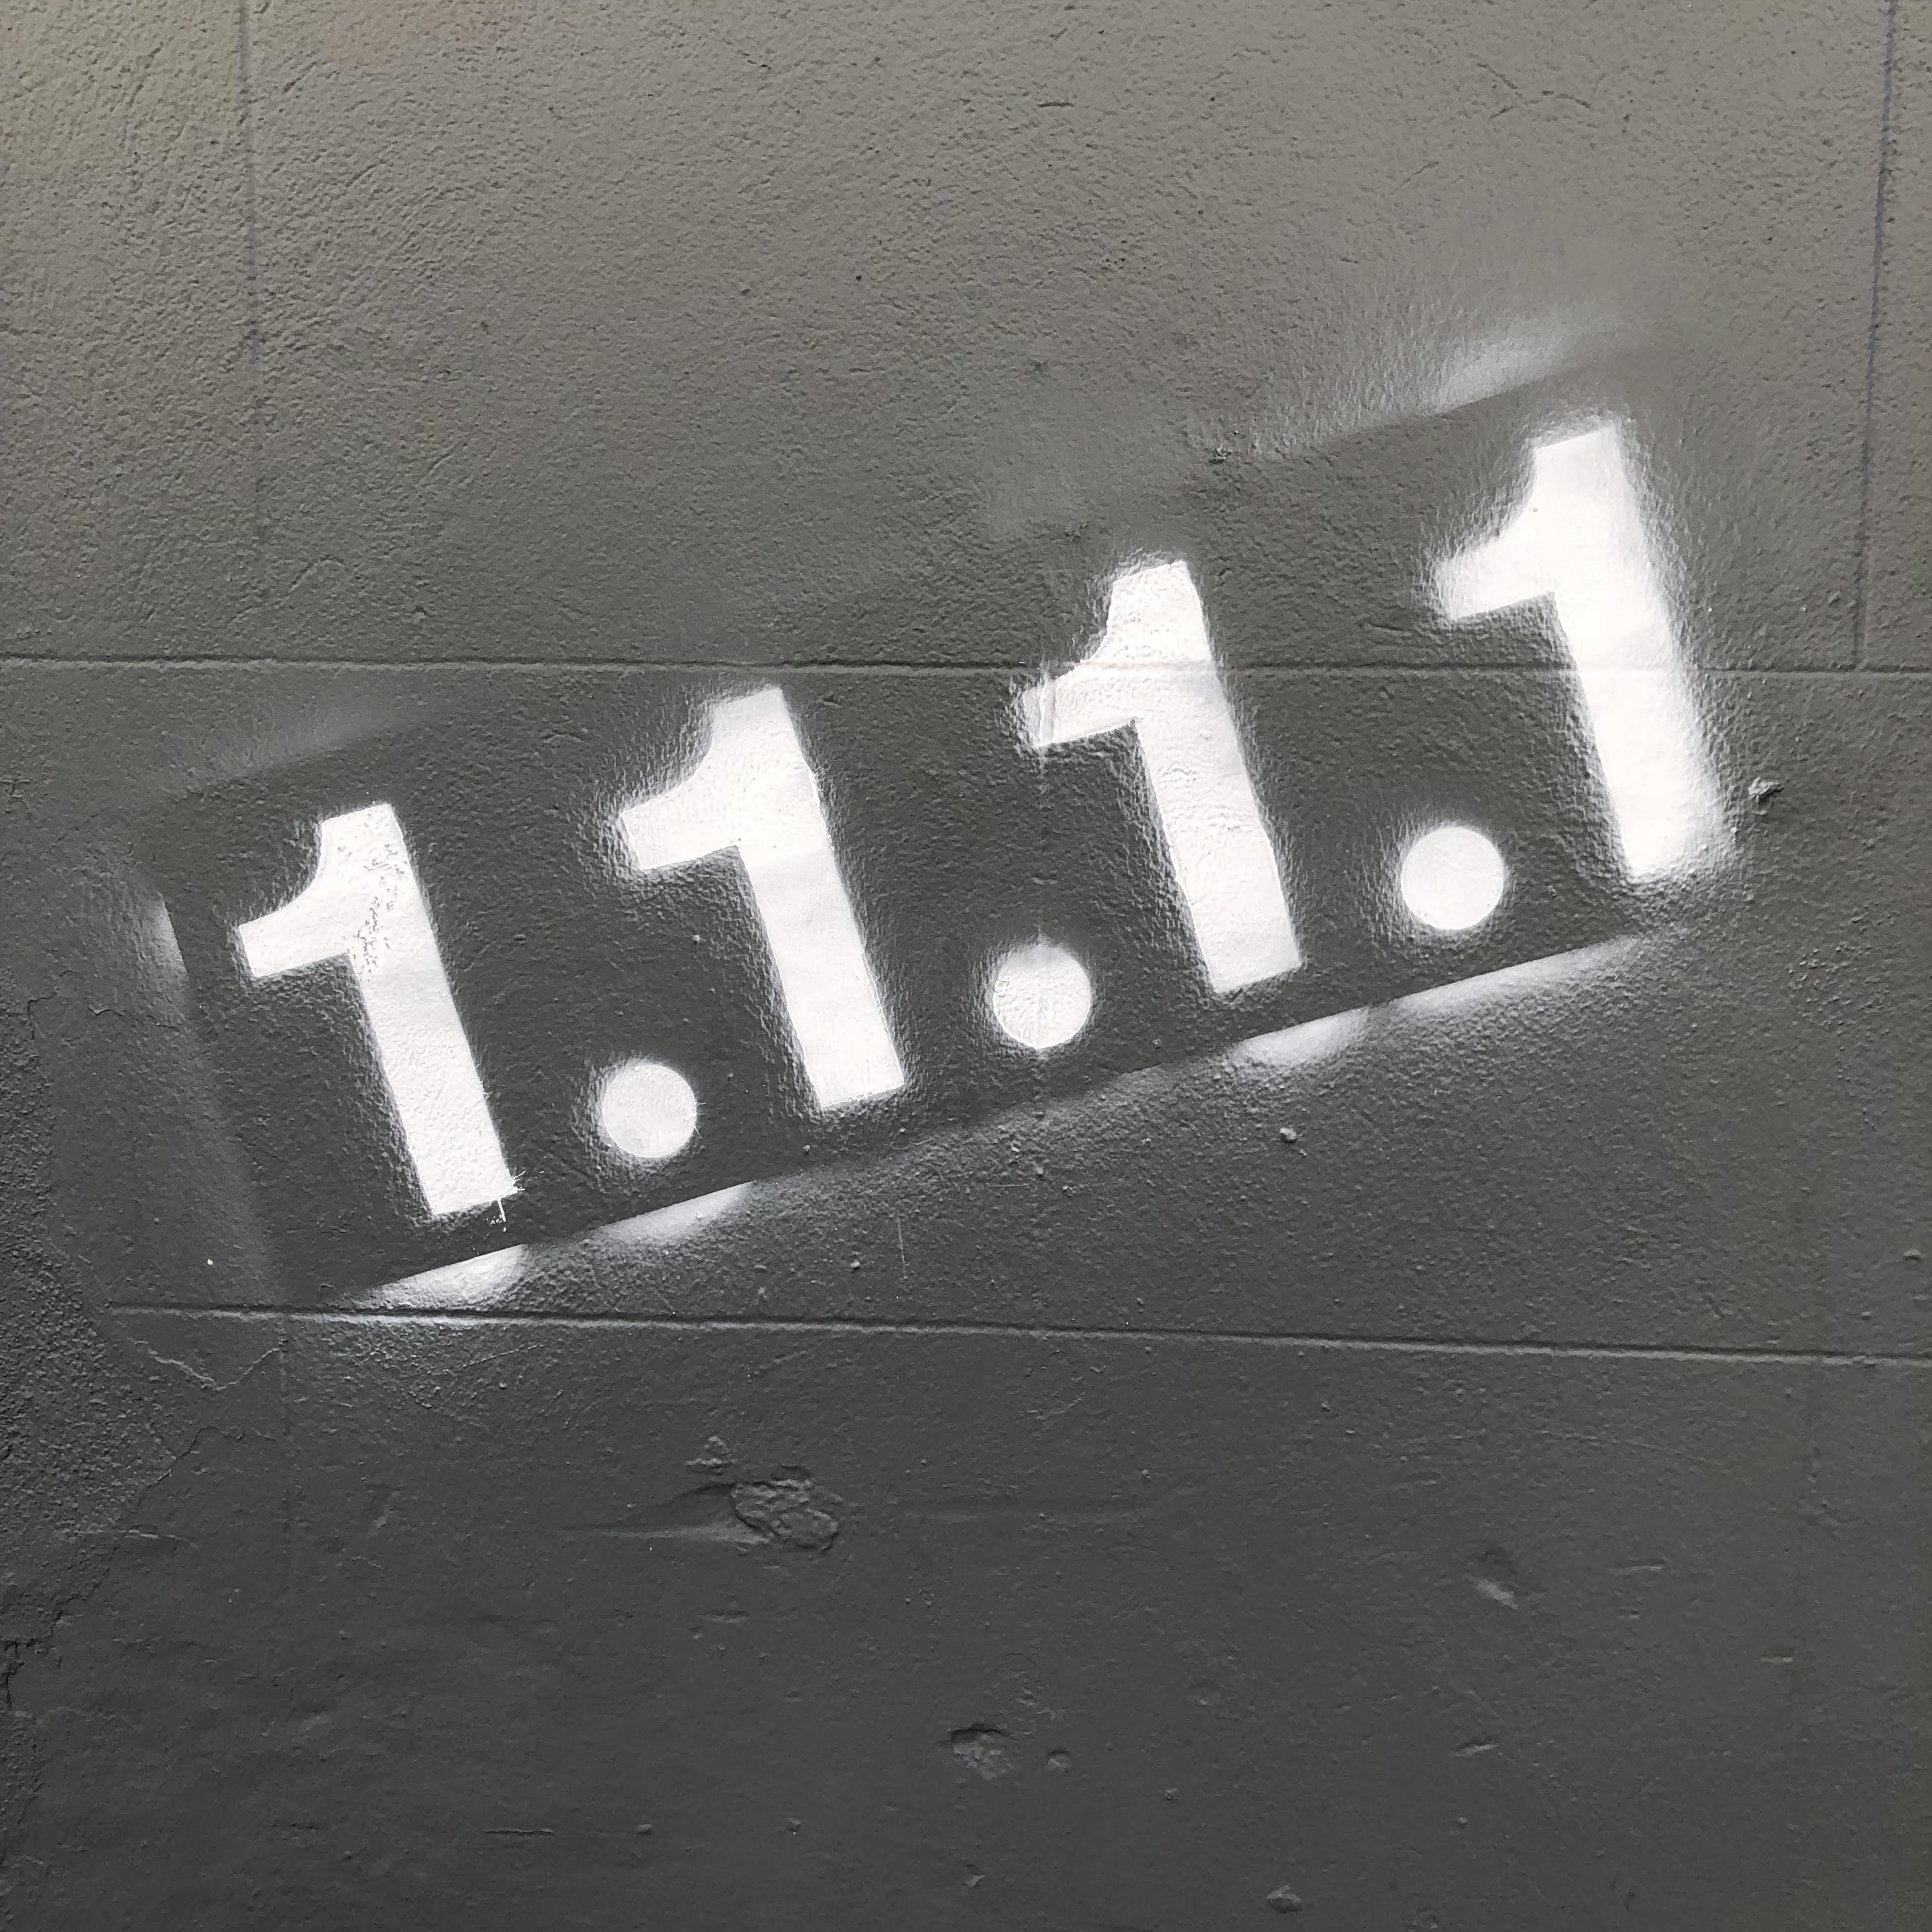 spraypainted-1.1.1.1